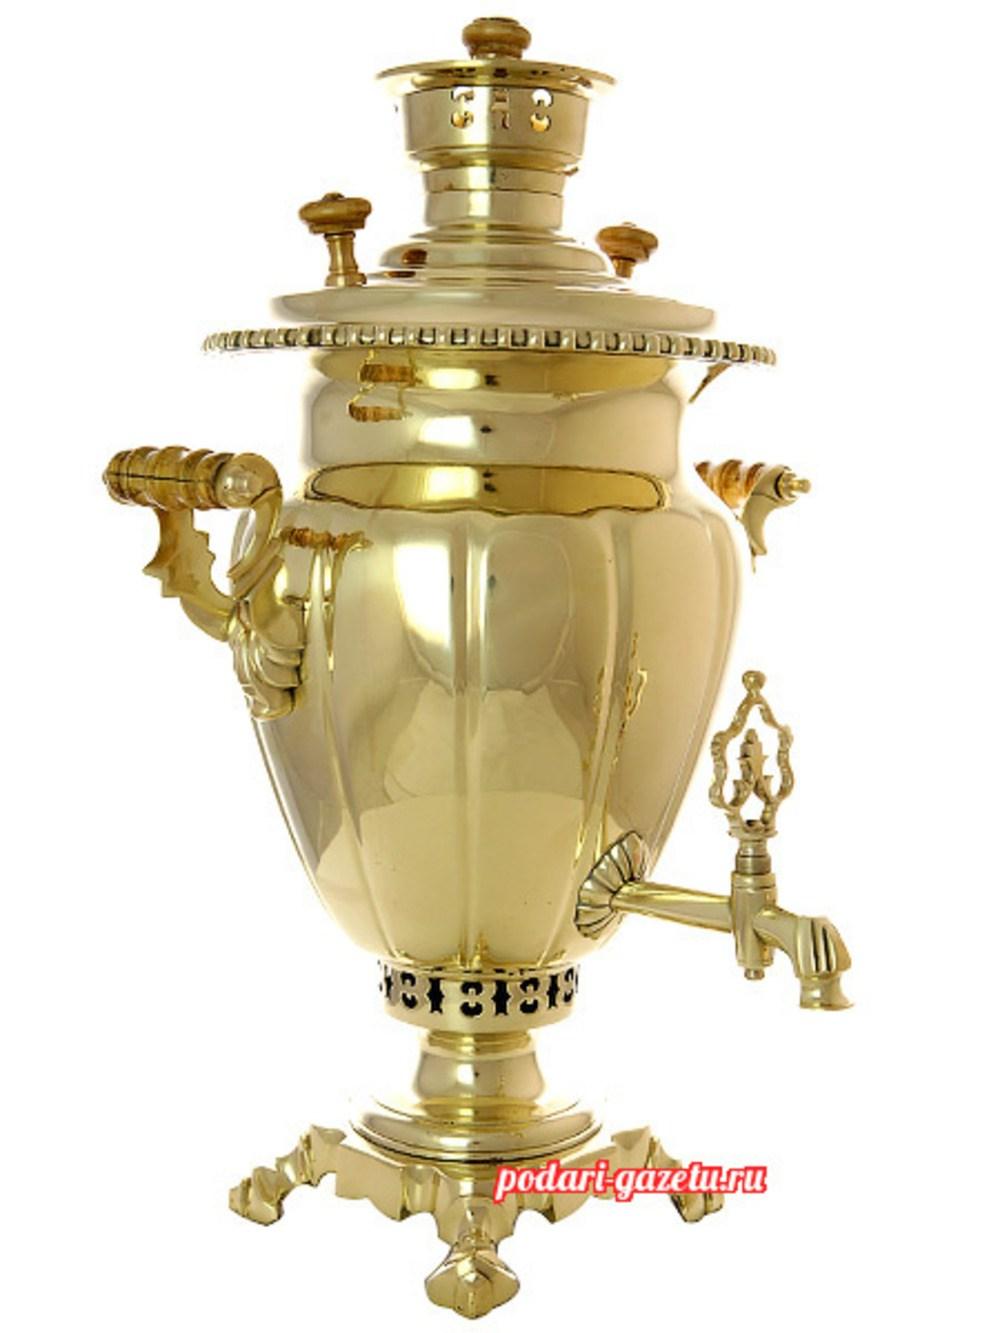 Угольный самовар (антикварный жаровой) (5 литров) желтый ваза